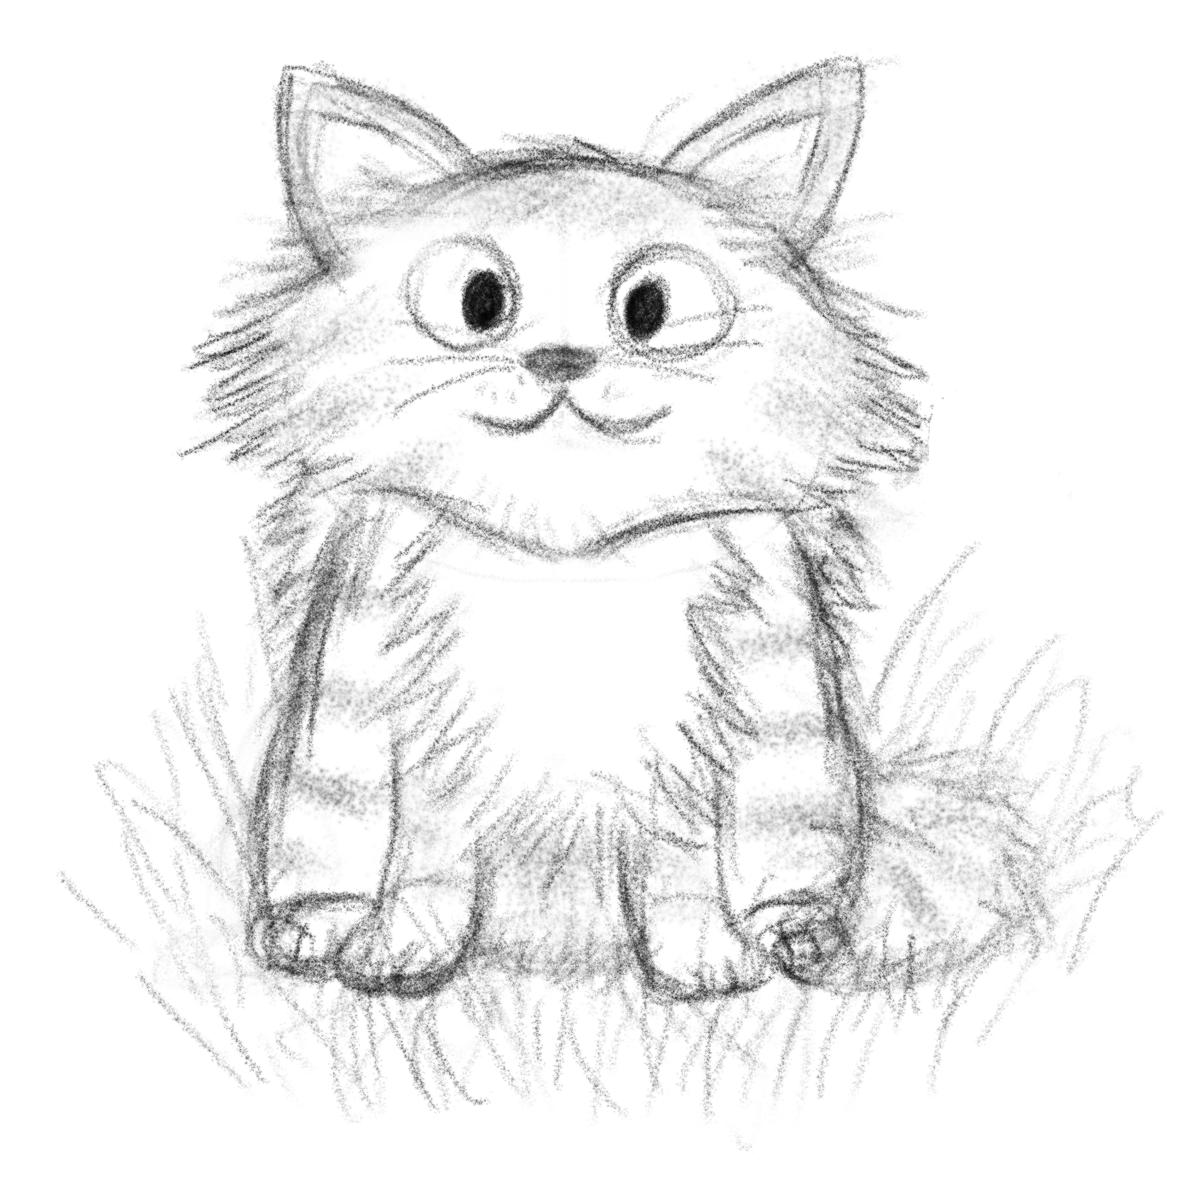 магазин нарисовать прикольные картинки котенок даже предположил